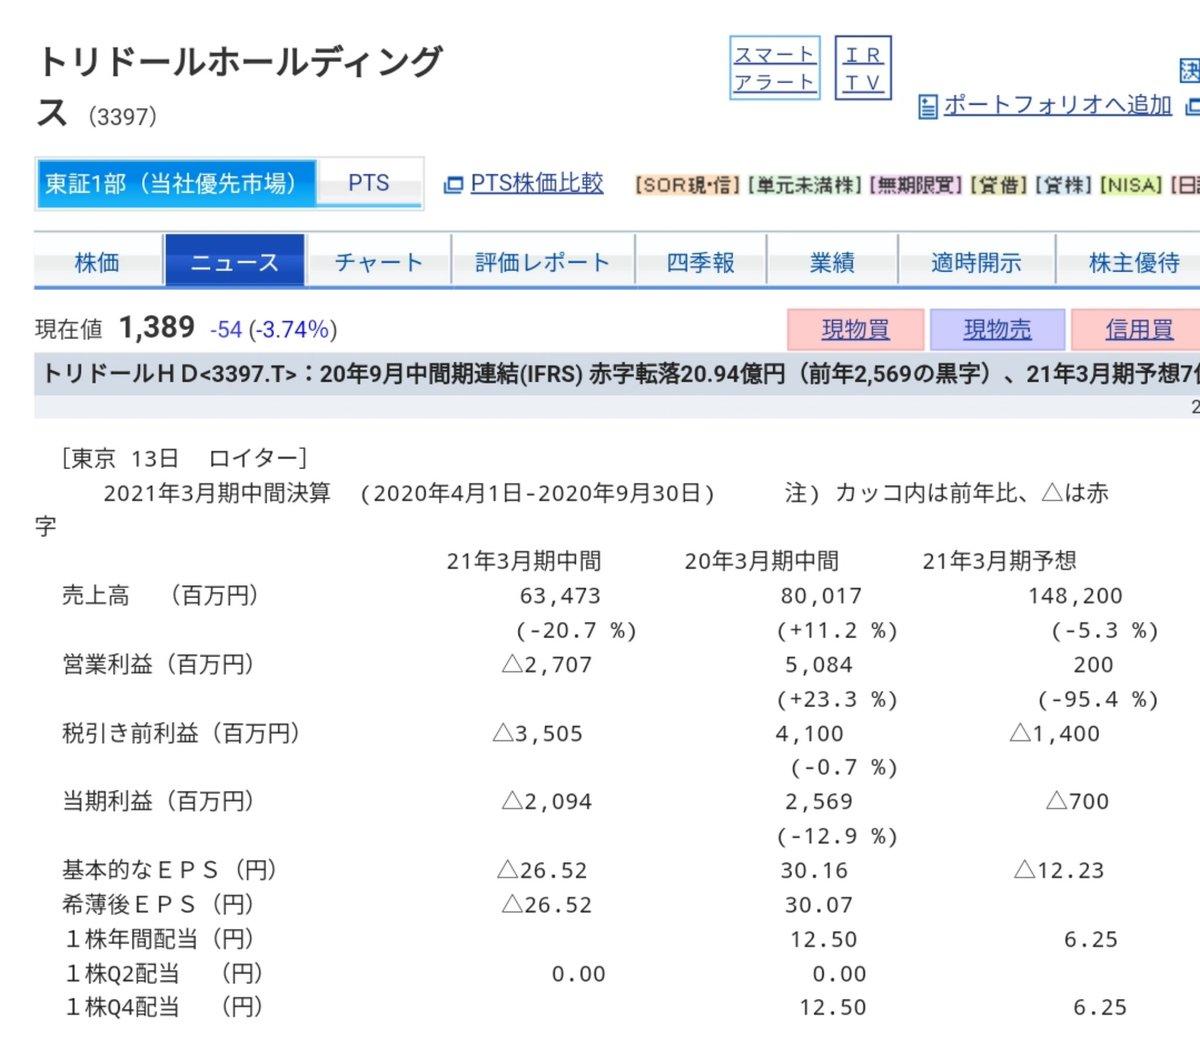 クリエイト 株価 情報 掲示板 日本